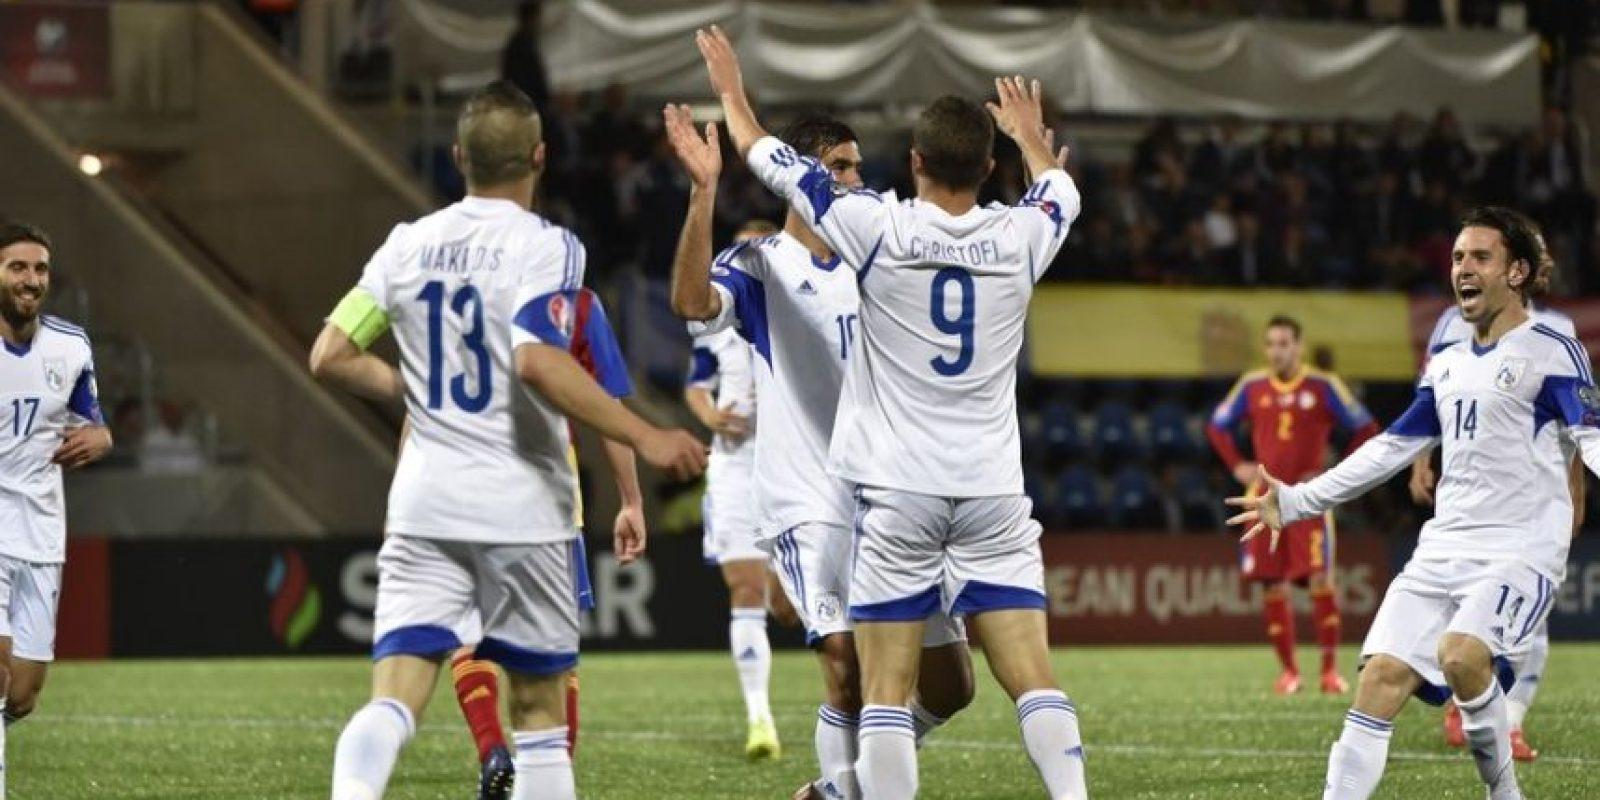 Con este resultado, los chipriotas se colocan nuevamente en posición de soñar con ir a la Euro. Foto:uefa.com